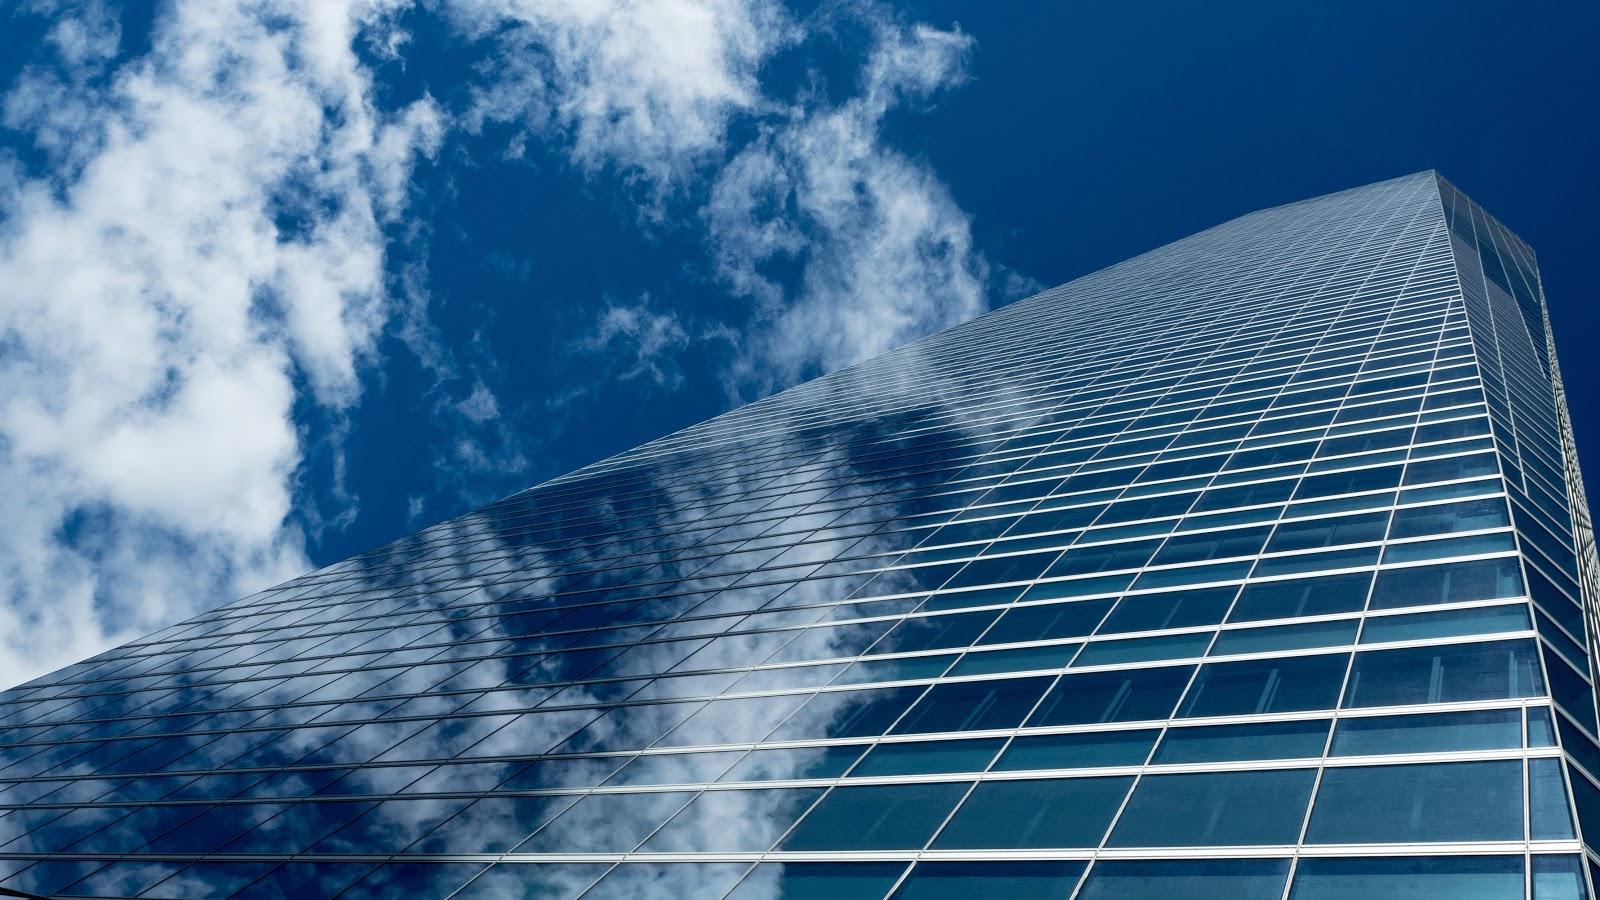 2020 Cloud Computing Survey Sheds Light on Cloud Adoption Tactics